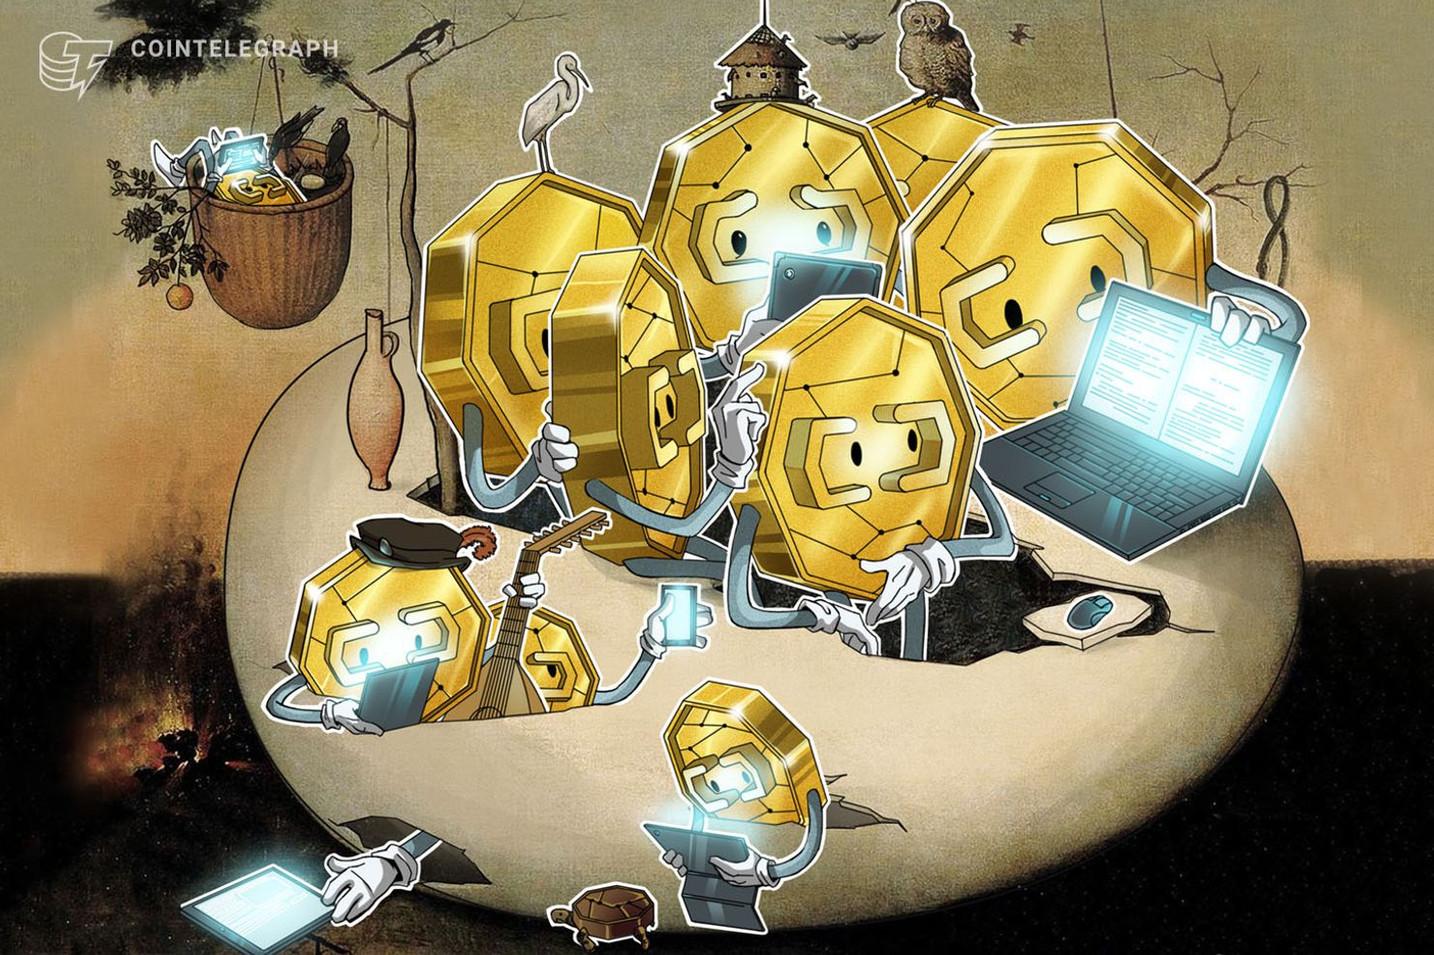 ゴールドマンサックスが仮想通貨イーサリアム先物のNDF取引を計画か【アラート】